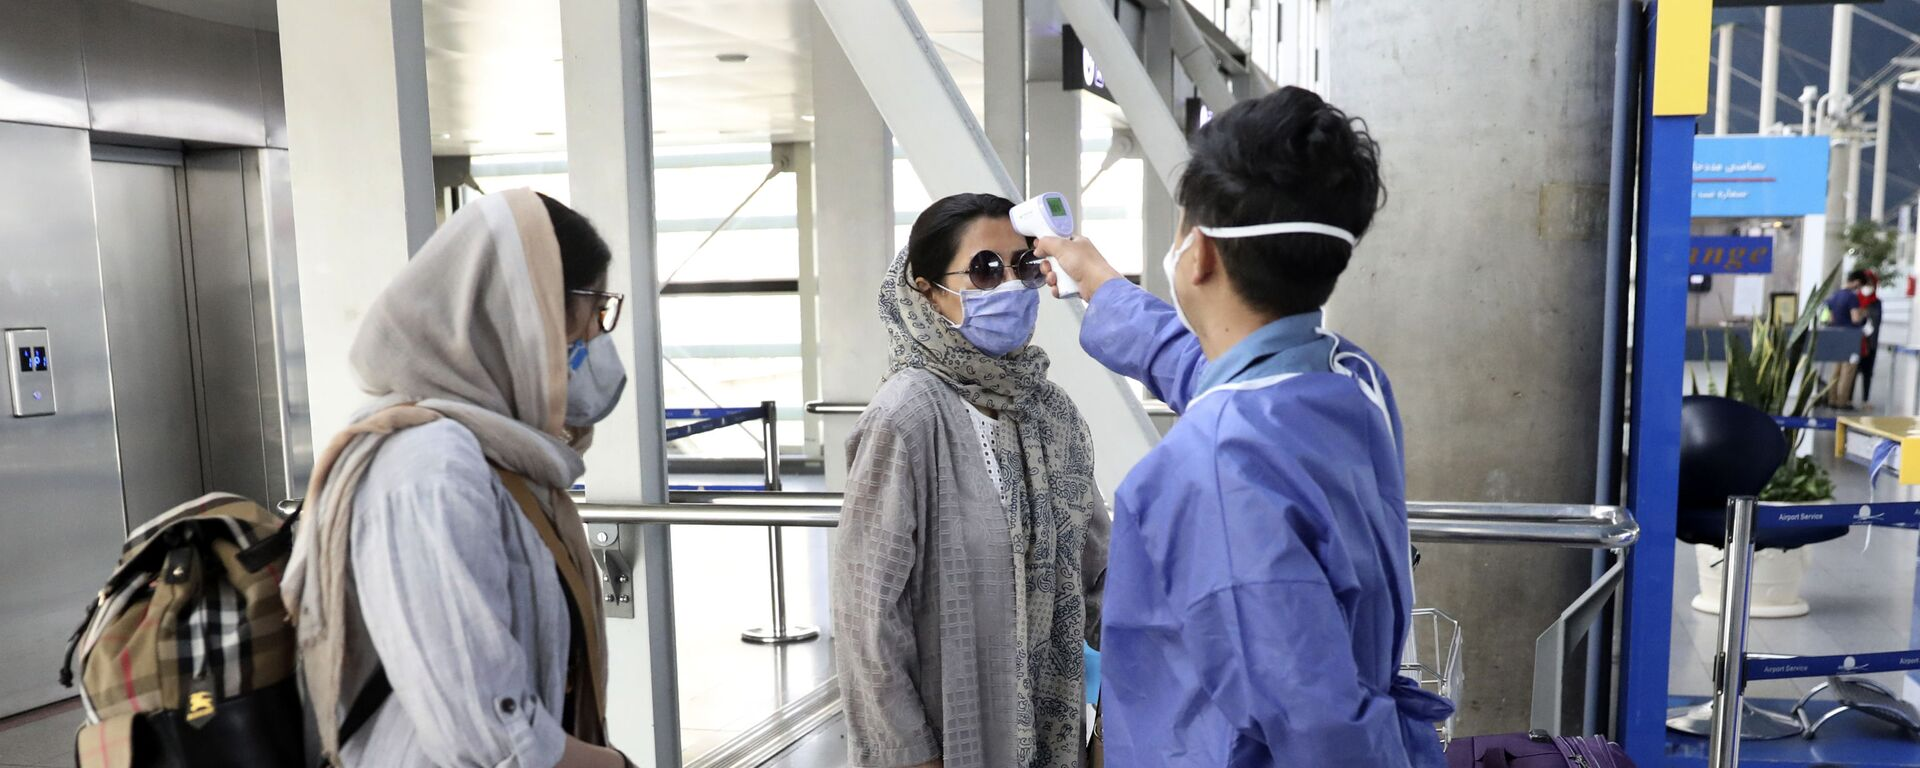 Проверка температуры у прибывших пассажиров в Тегеран - Sputnik Таджикистан, 1920, 02.03.2021